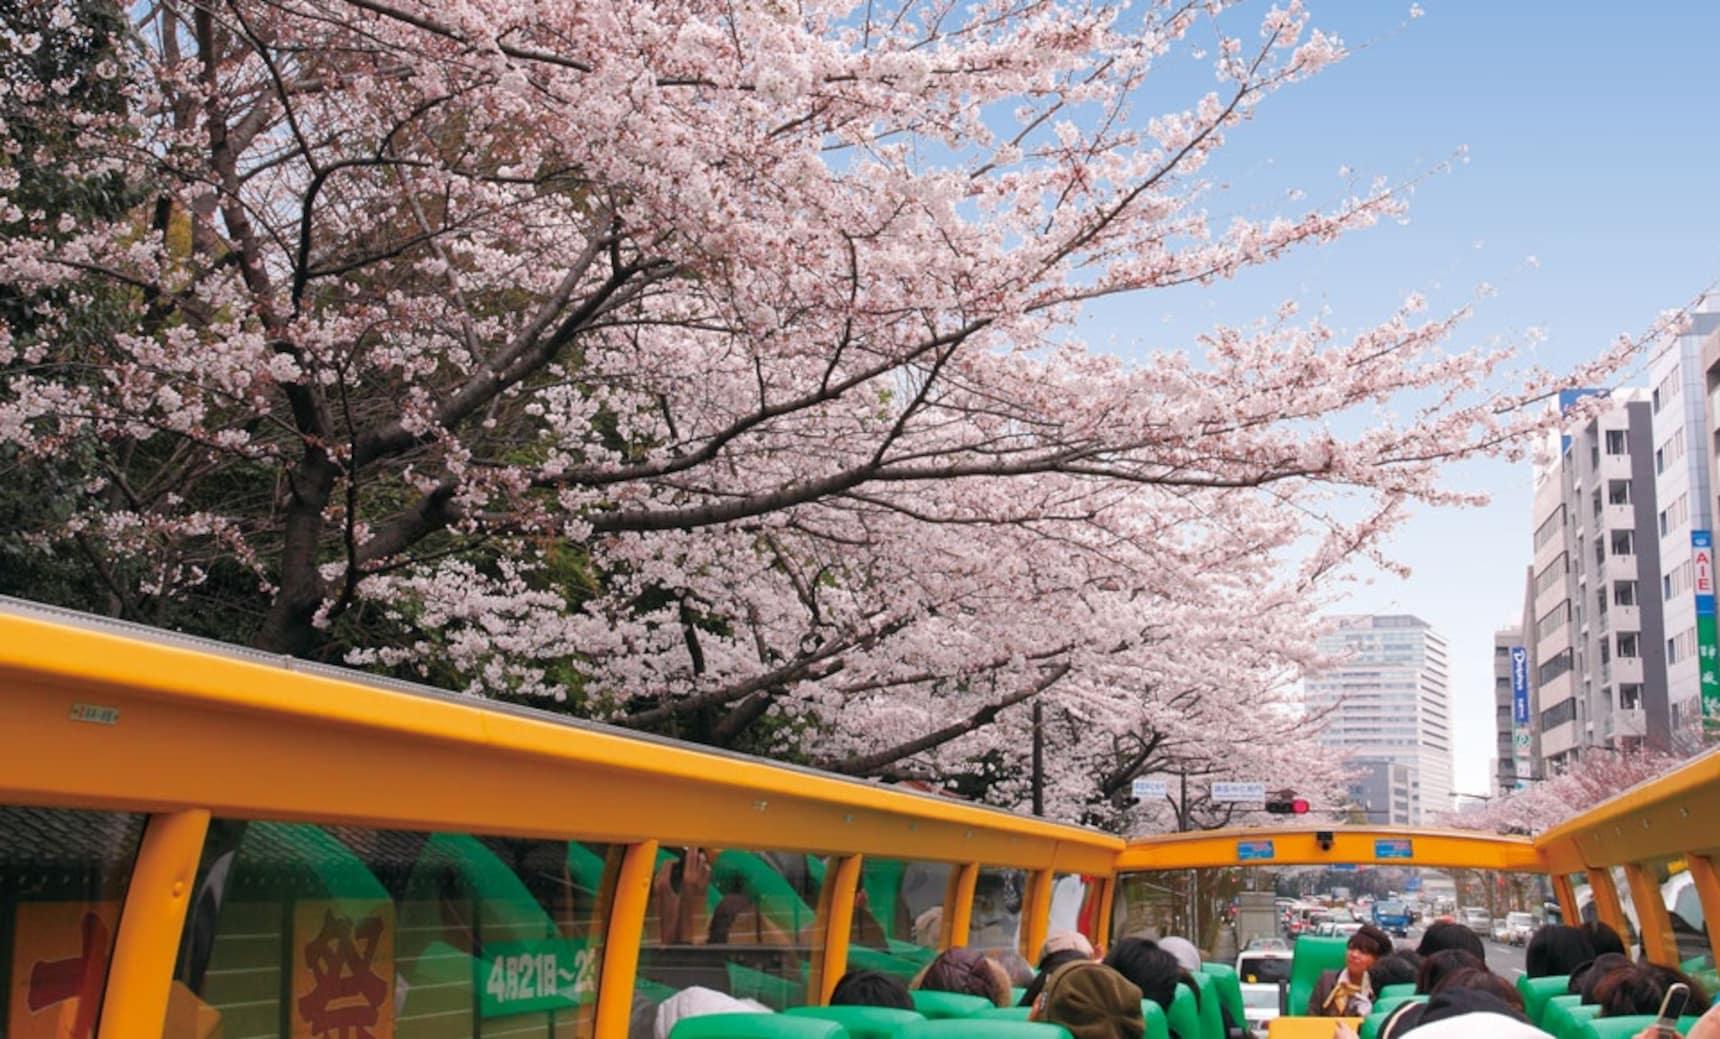 5 ยานพาหนะชมซากุระ สำหรับคนที่ไม่ชอบเดิน